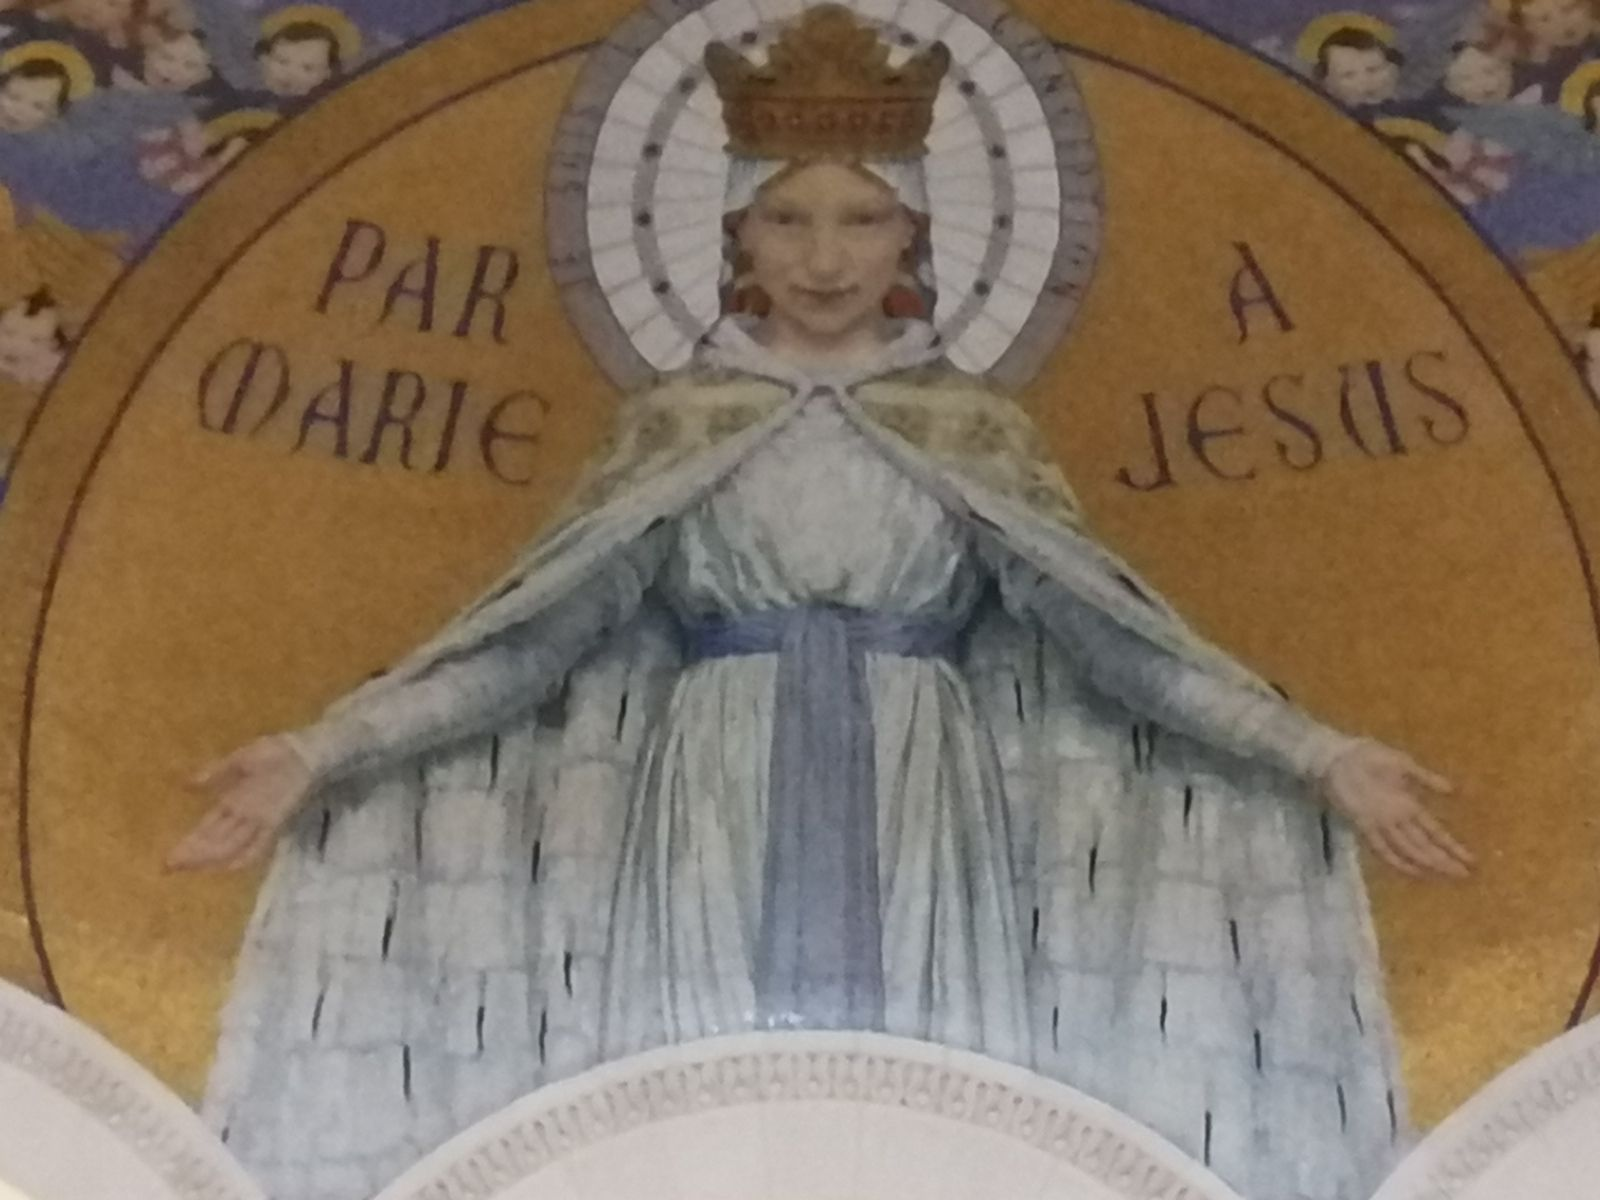 PAR MARIE À JÉSUS